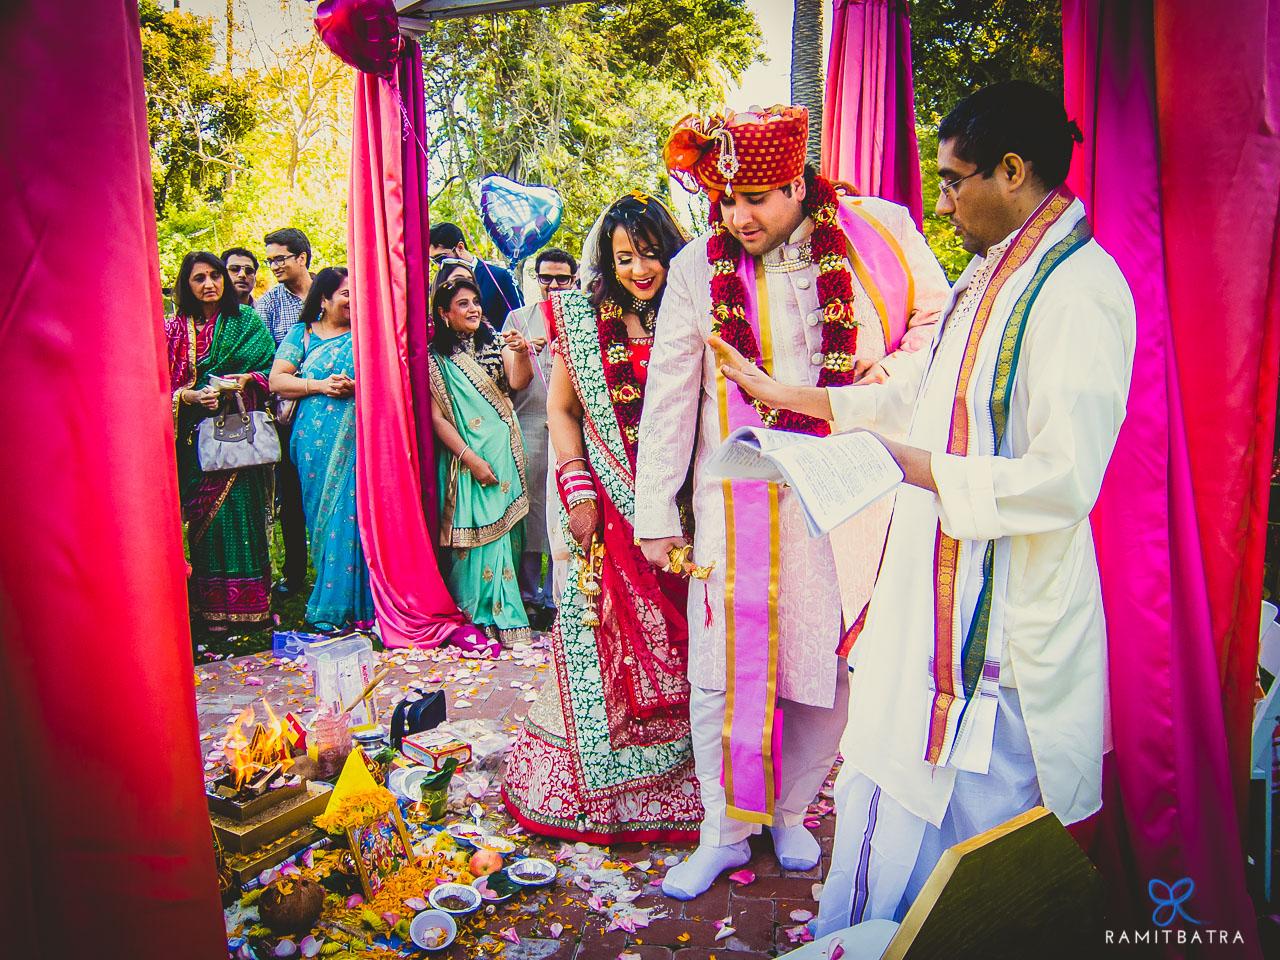 SanFrancisco-Destination-Wedding-Bride-RamitBatra-27